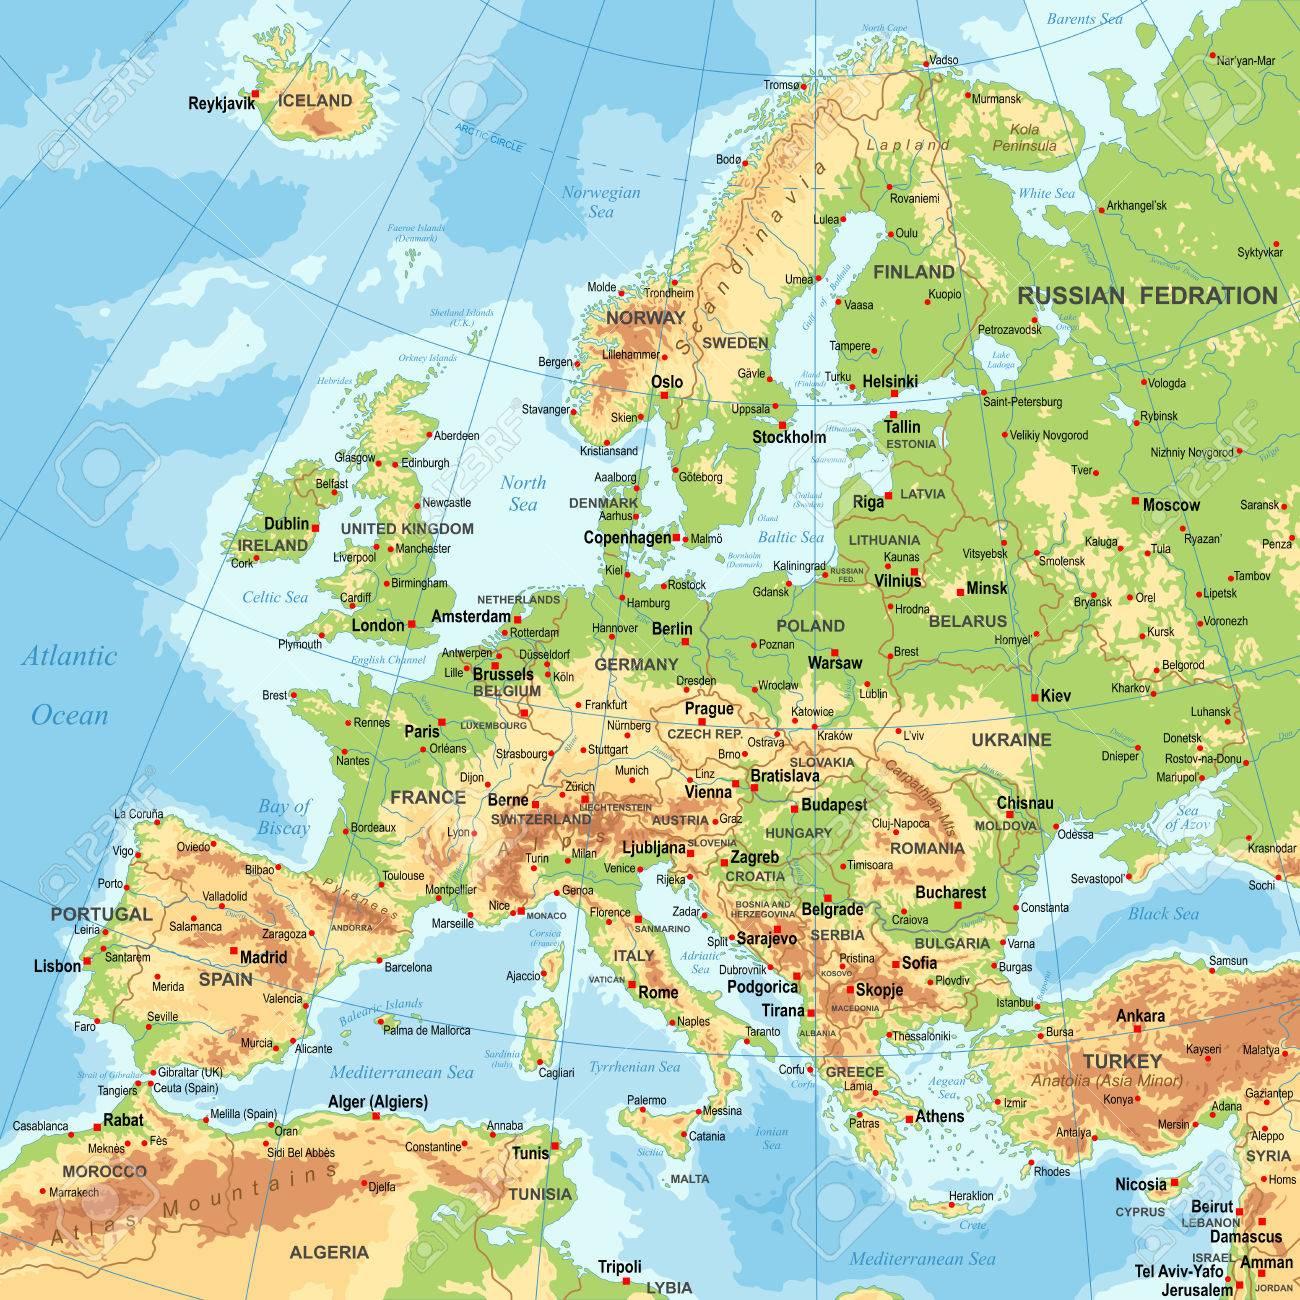 Très Détaillé De Couleur Illustration Vectorielle De L'europe Carte  -Borders, Pays Et Villes - Illustration pour Carte De L Europe Détaillée